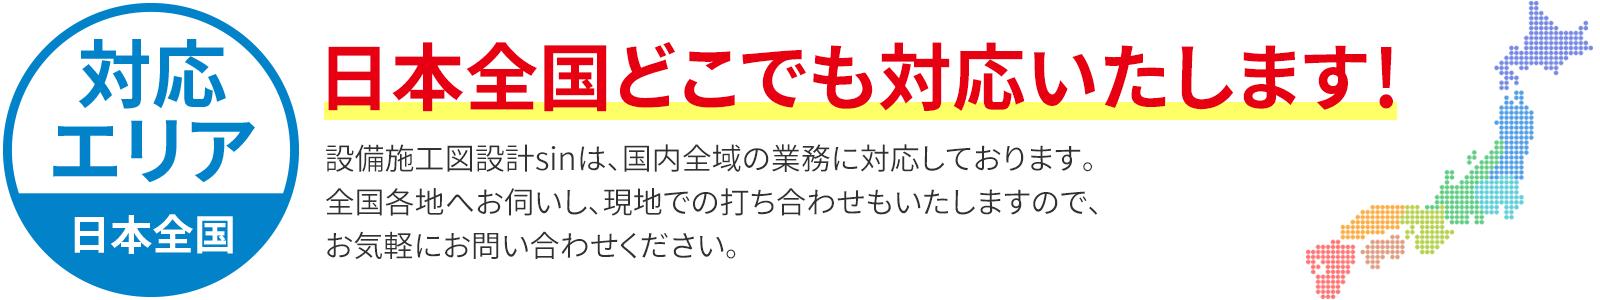 対応エリアは日本全国です|設備施工図設計sin